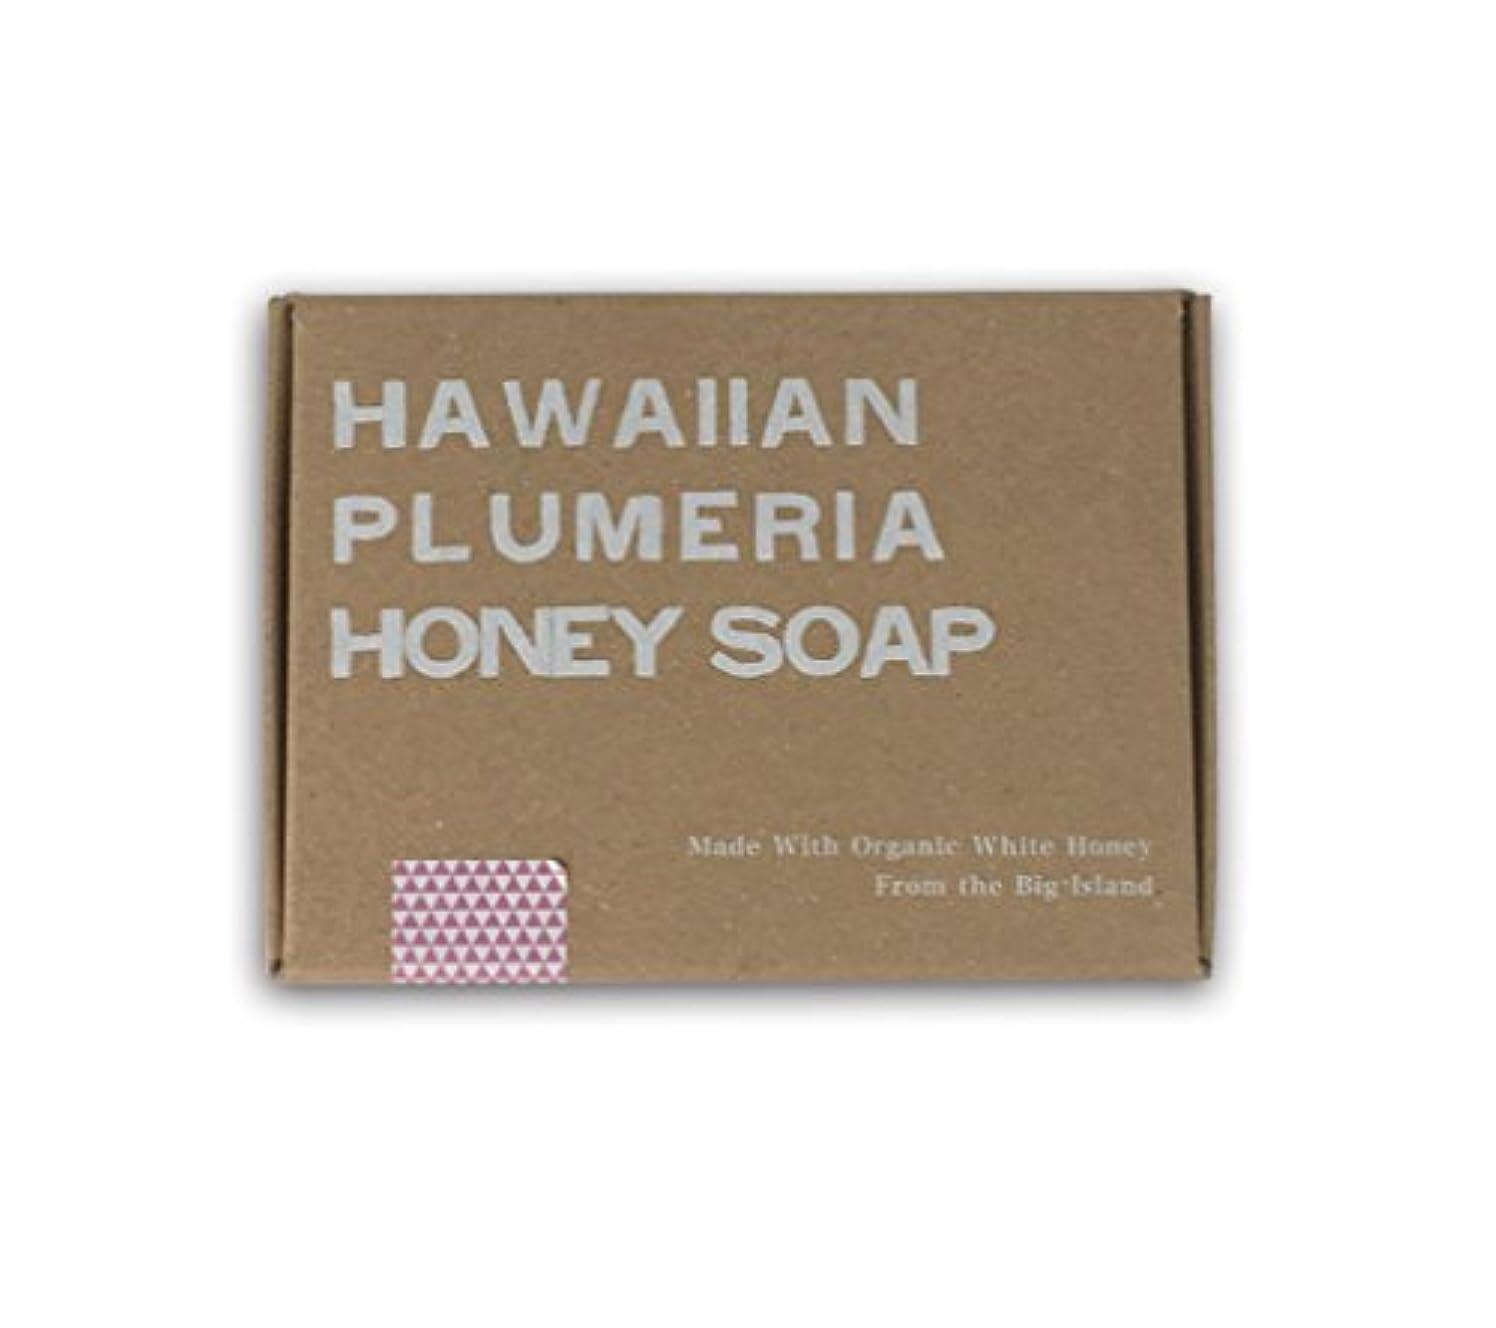 着替える反響するタンクホワイトハニーオーガニクス ハワイアン?プルメリア?ハニーソープ (Hawaiian Plumeria Honey Soap)